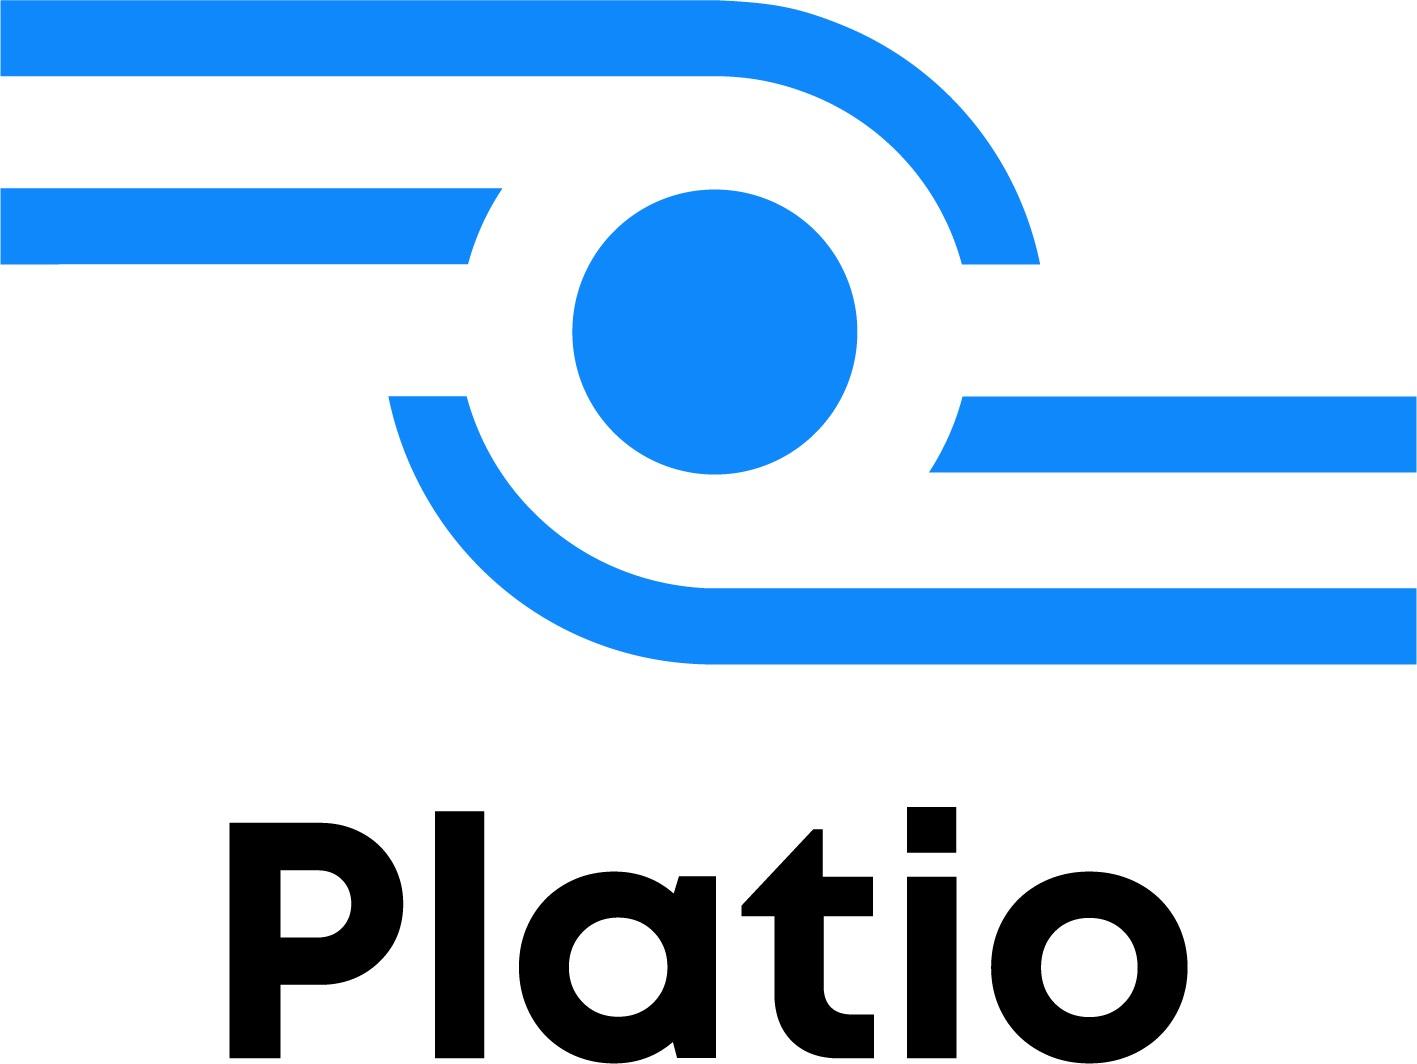 モバイルアプリ作成ツール「Platio(プラティオ)」ロゴ